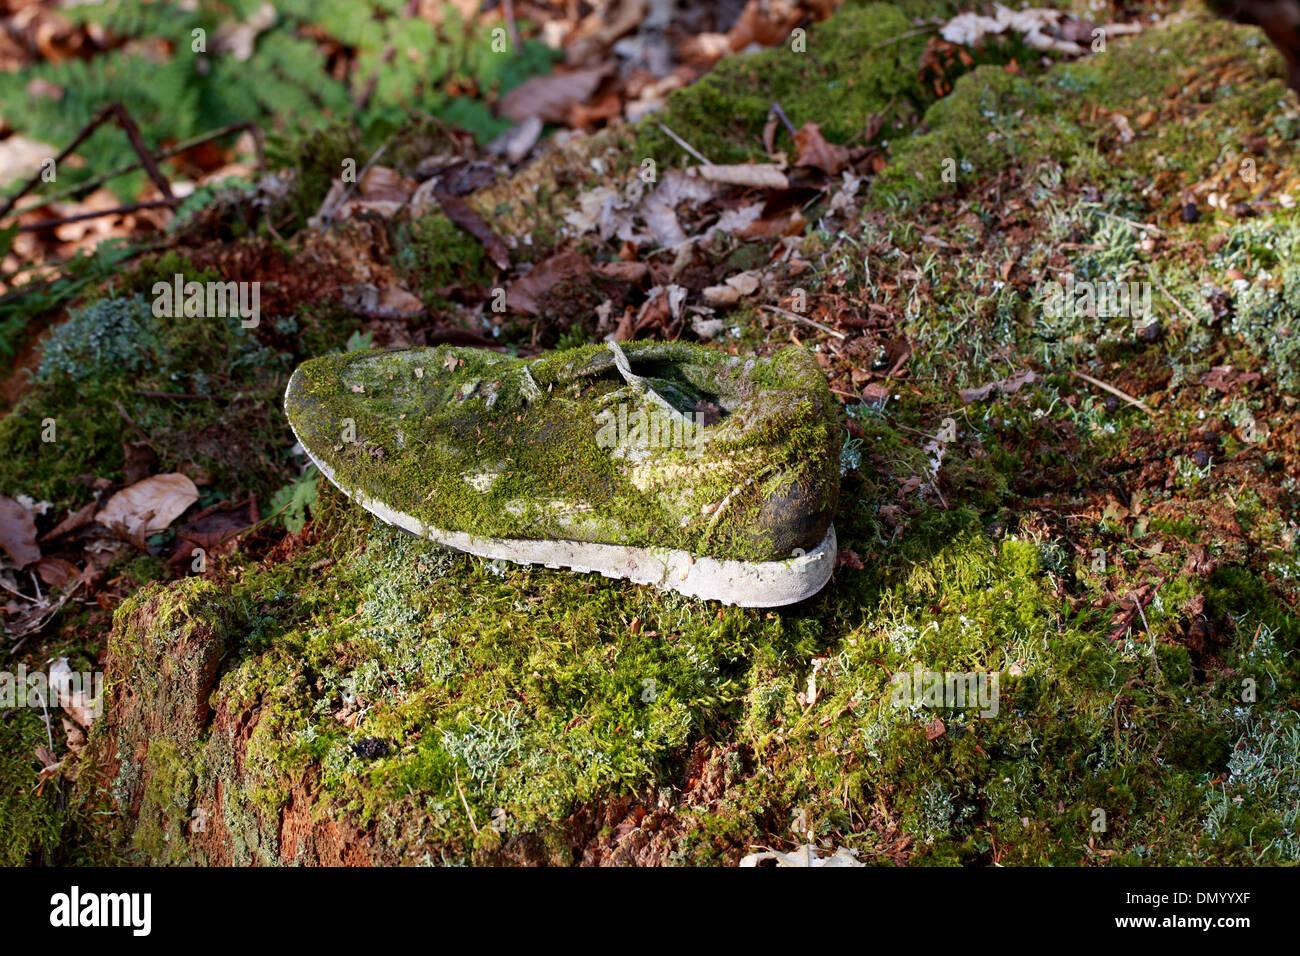 Moos wächst auf einem verlassenen Schuh. Stockfoto